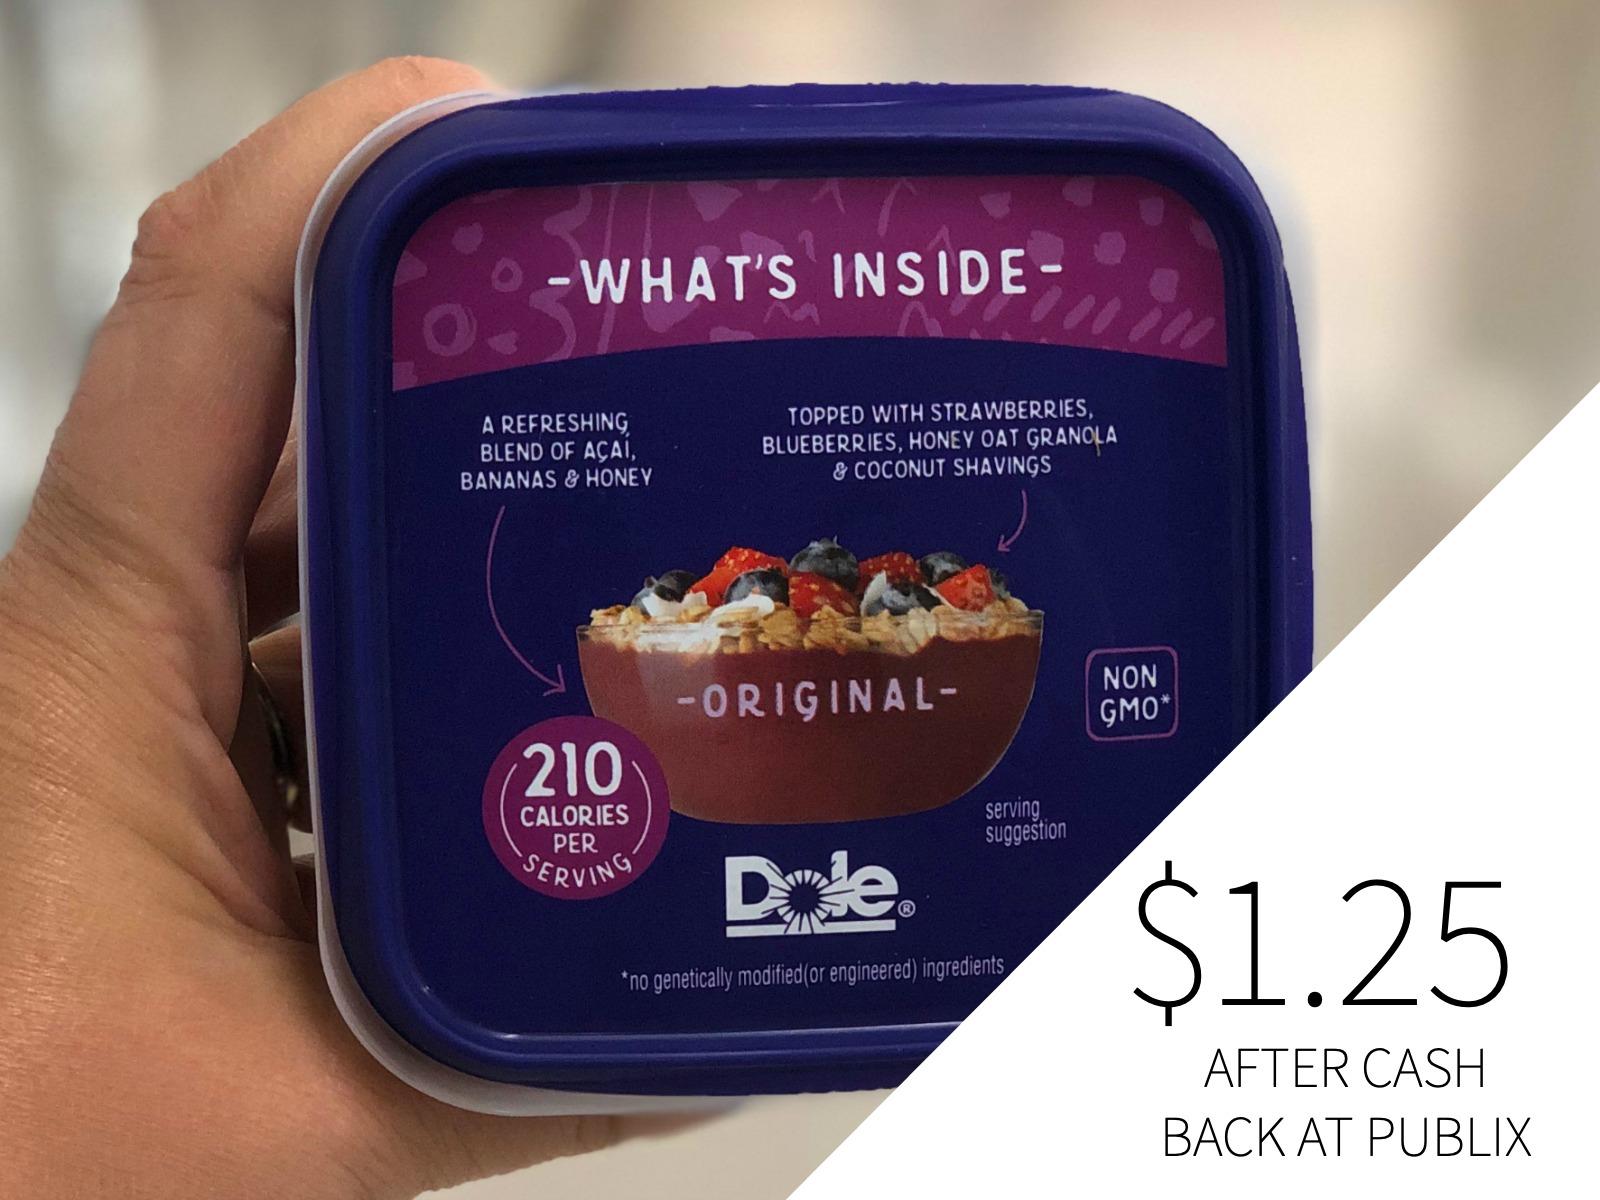 Dole Açaí Bowl As Low As 25¢ At Publix on I Heart Publix